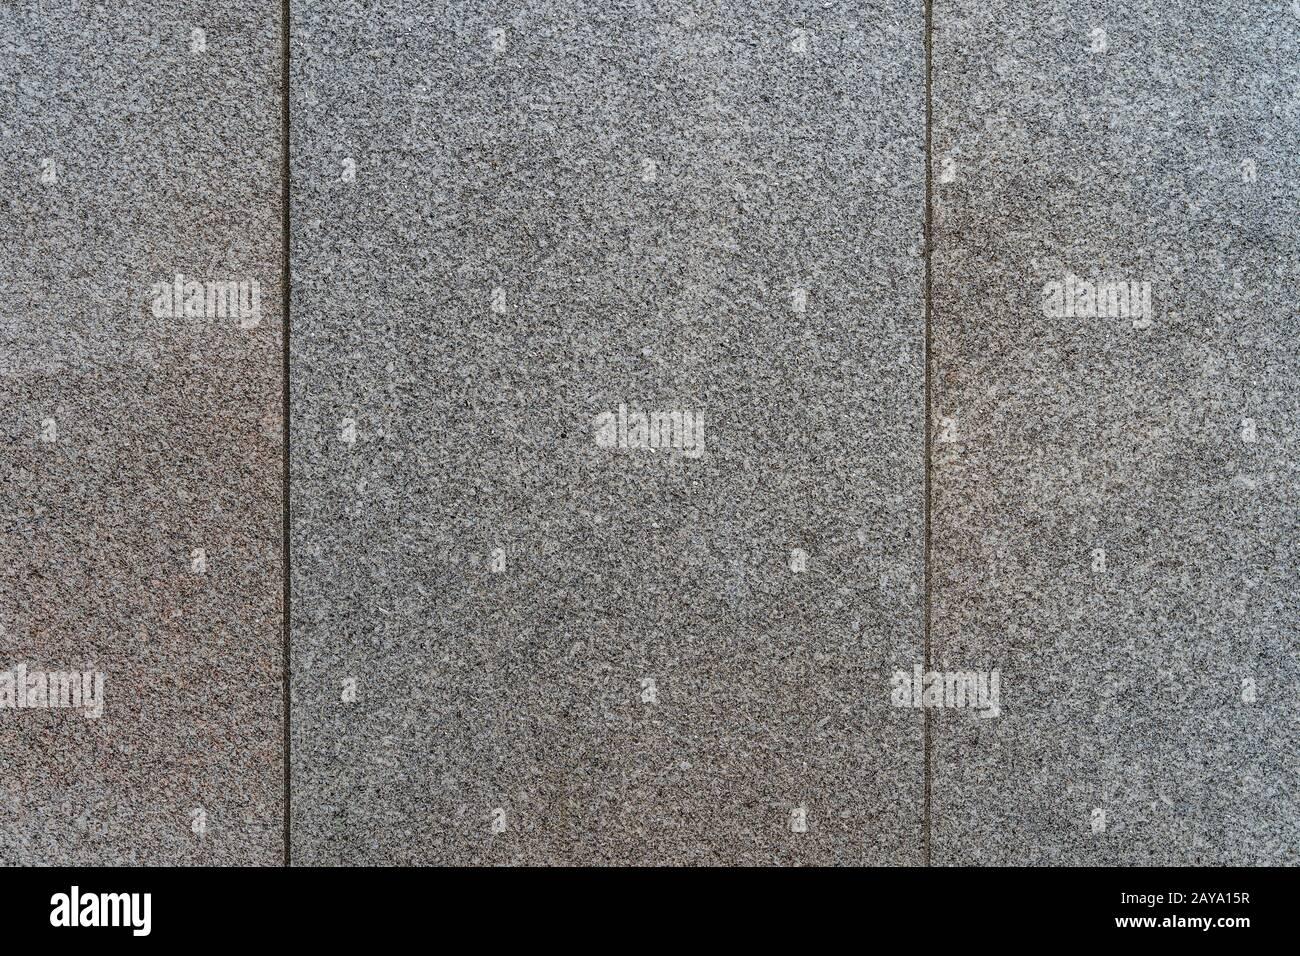 Vieux granit gris avec des motifs fins. Texture et arrière-plan de haute qualité Banque D'Images